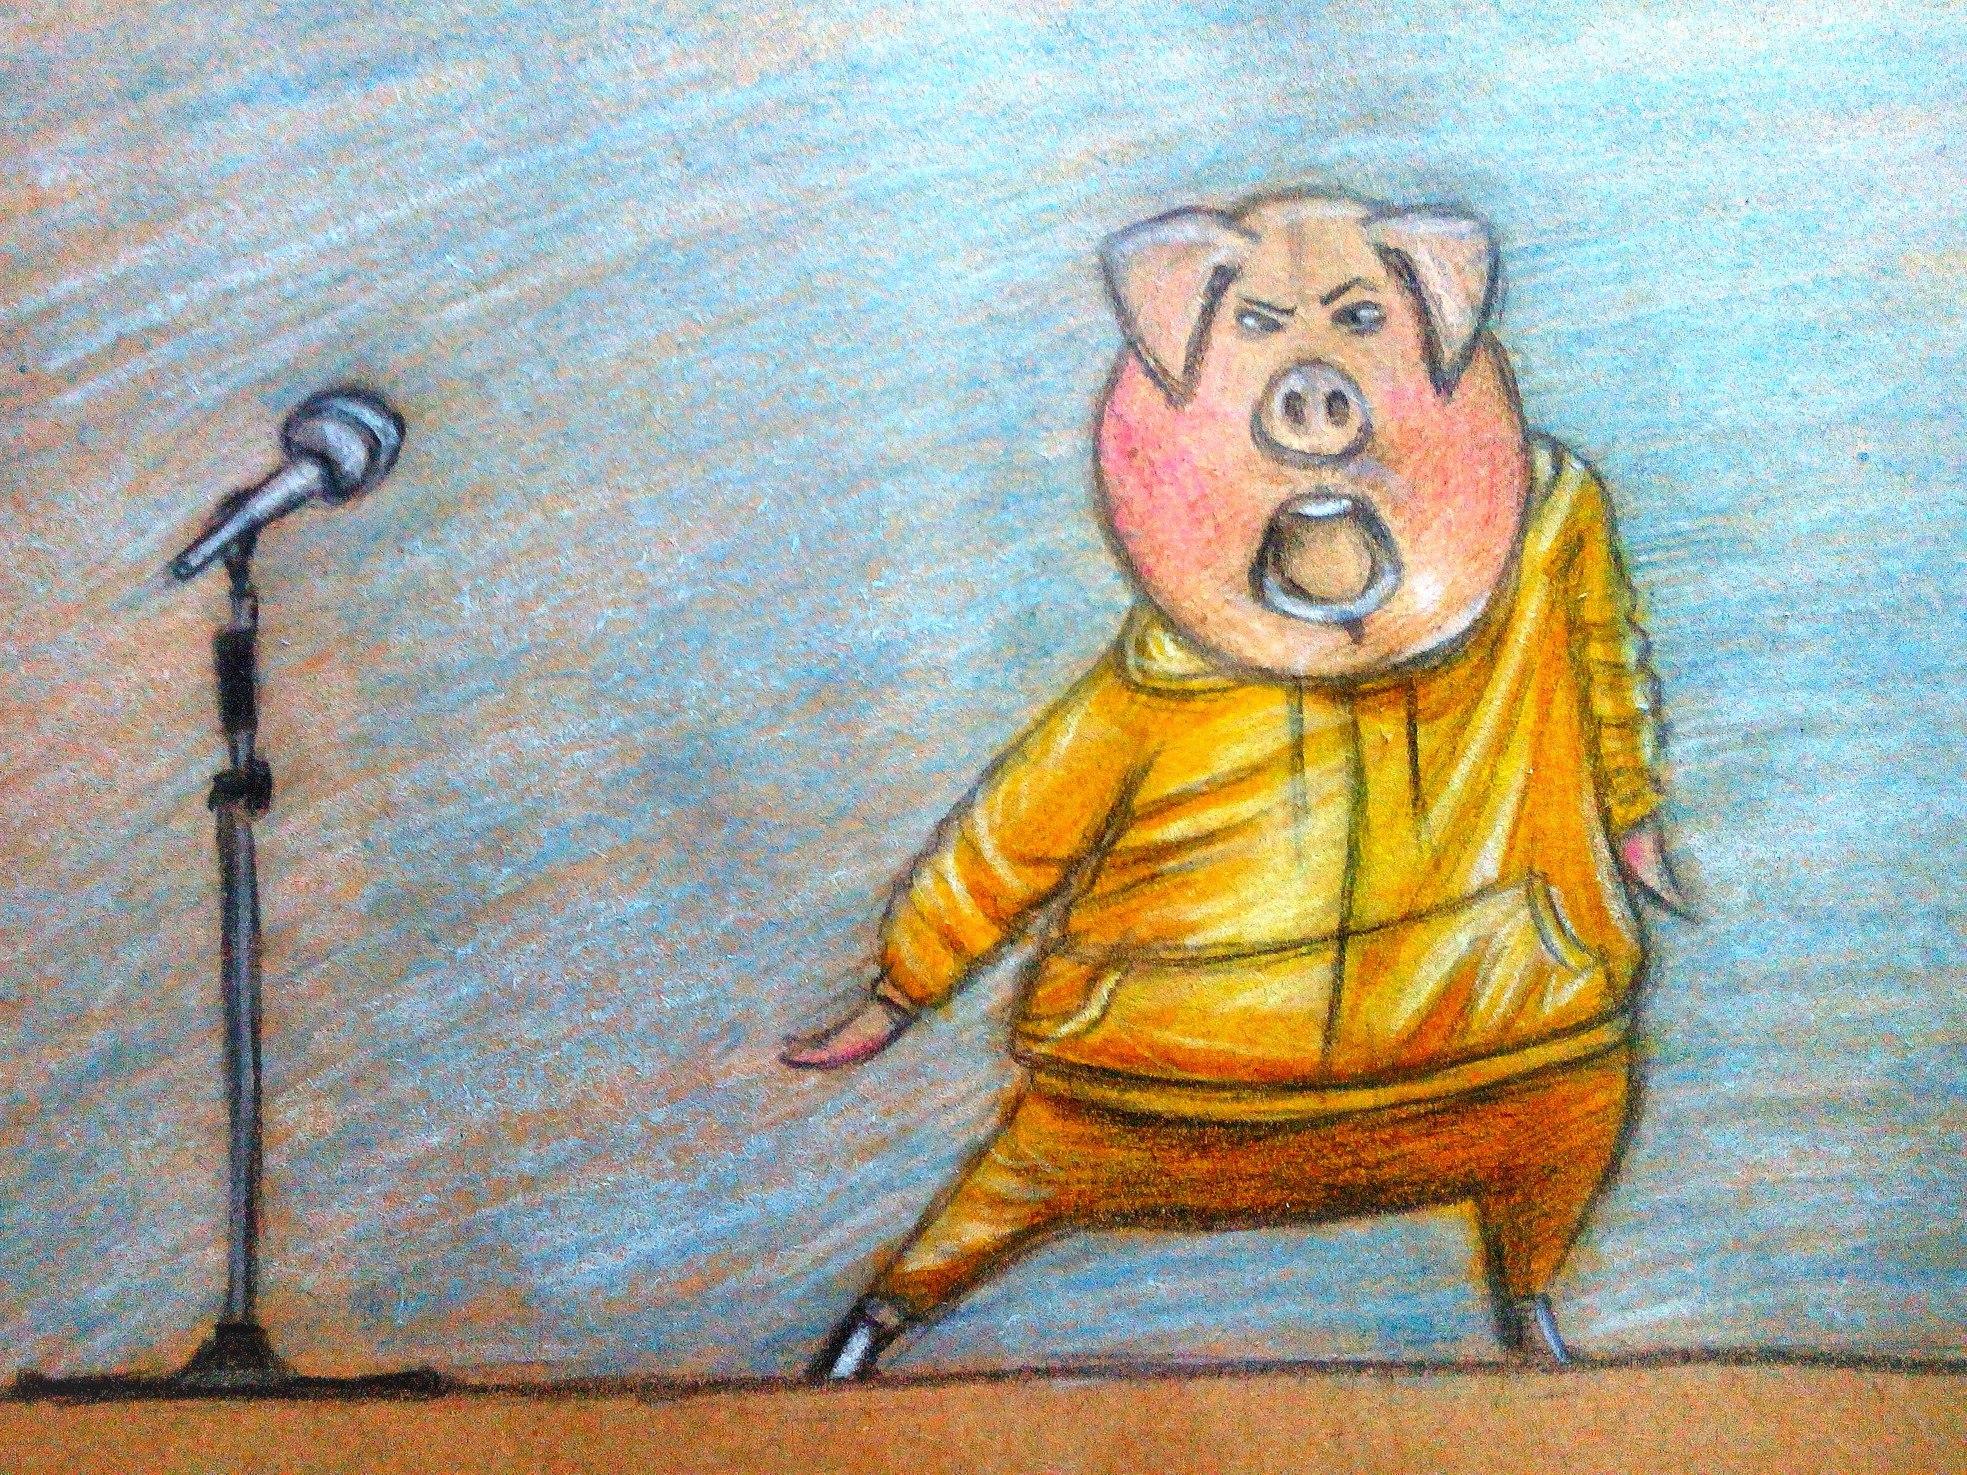 Как нарисовать Гюнтера из «Зверопой» карандашом поэтапно?